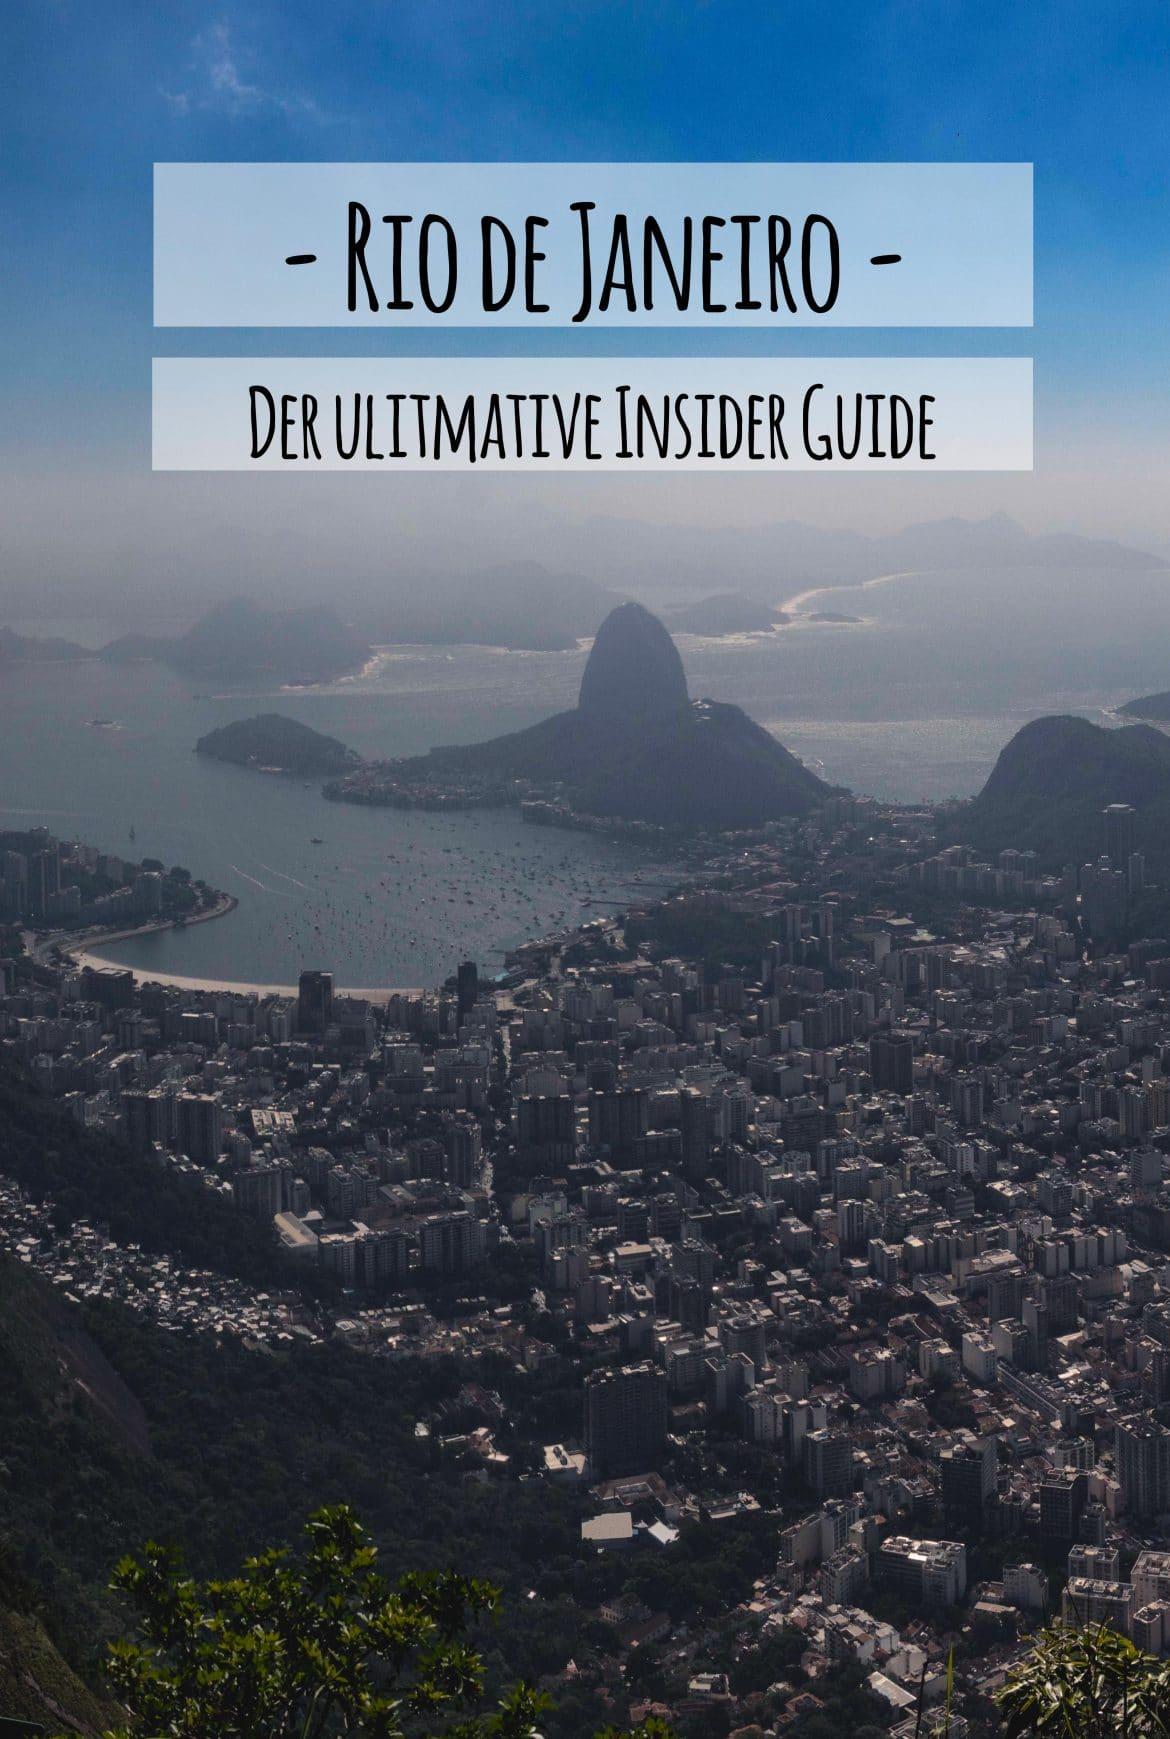 Der Rio de Janeiro Guide mit 23 ultimativen Insider Tipps und alle Infos rund um Anreise, Sicherheit und Preise